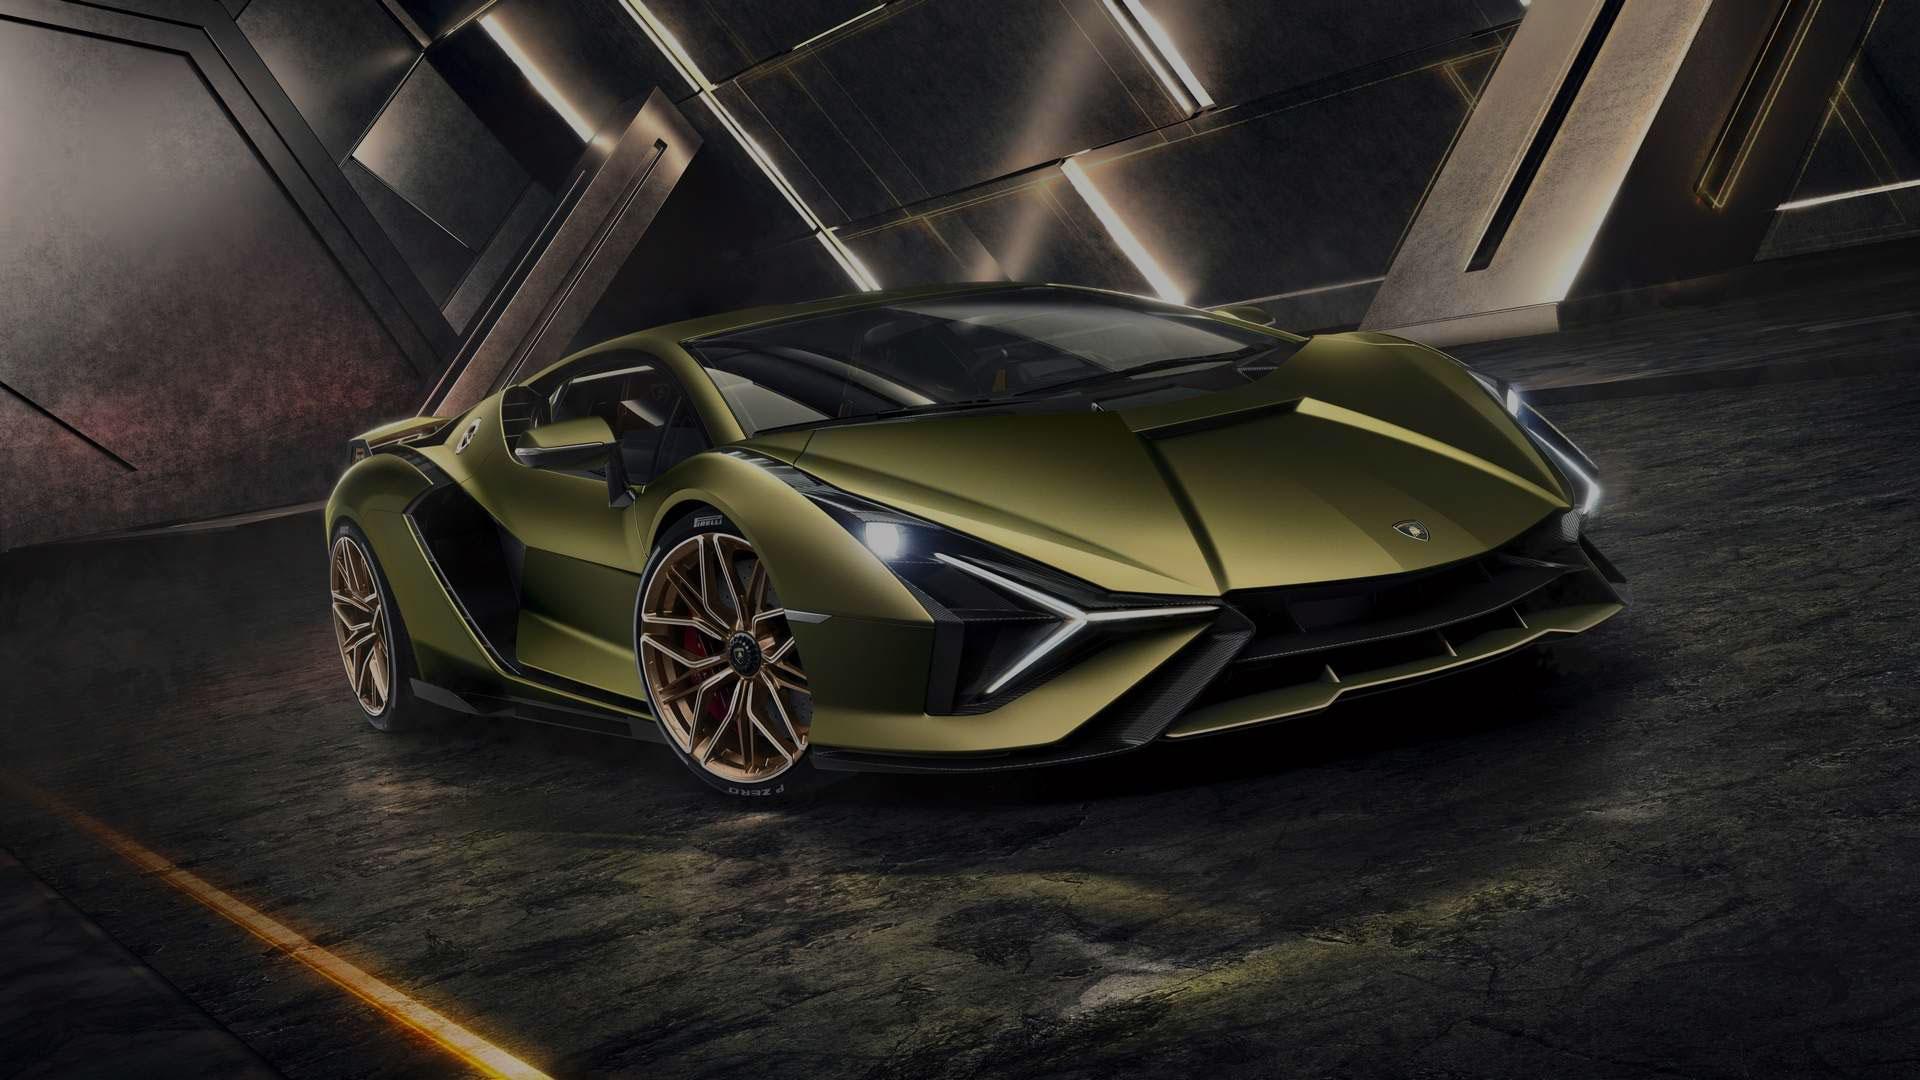 Az első és egyben legerősebb Hibrid Lamborghini